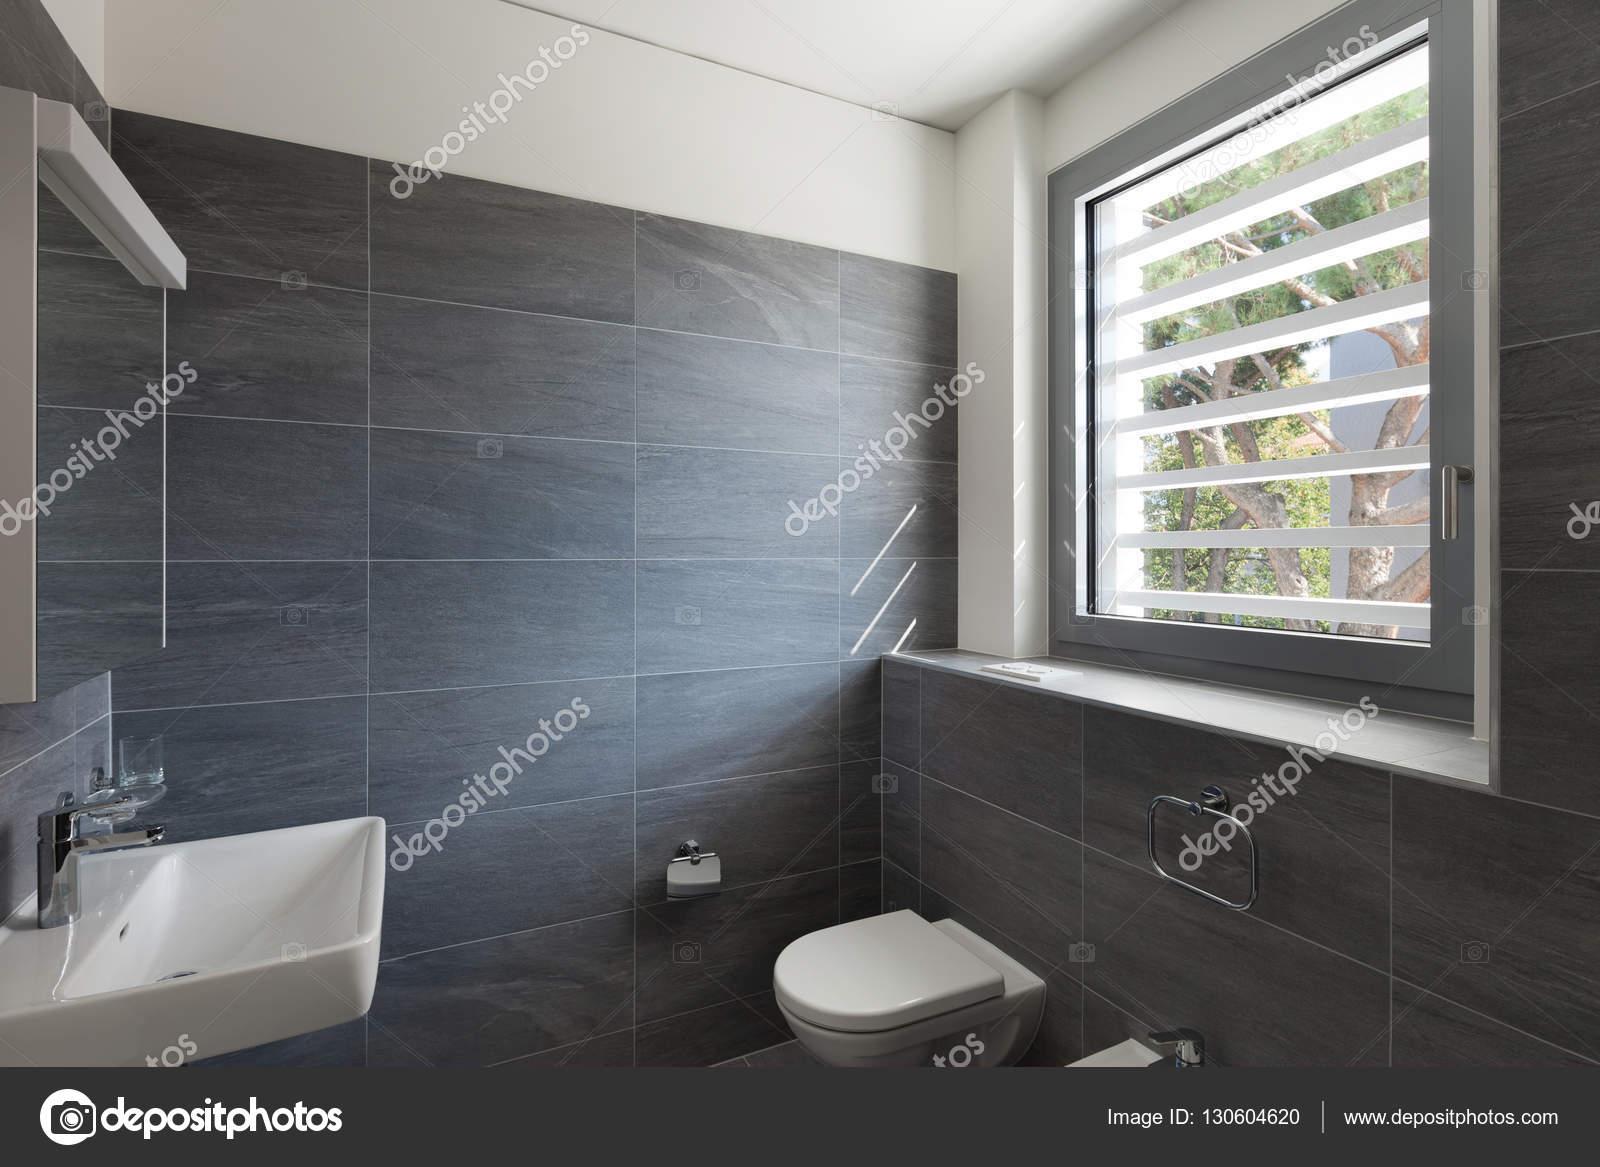 Interieur van een modern huis grijze badkamer u stockfoto